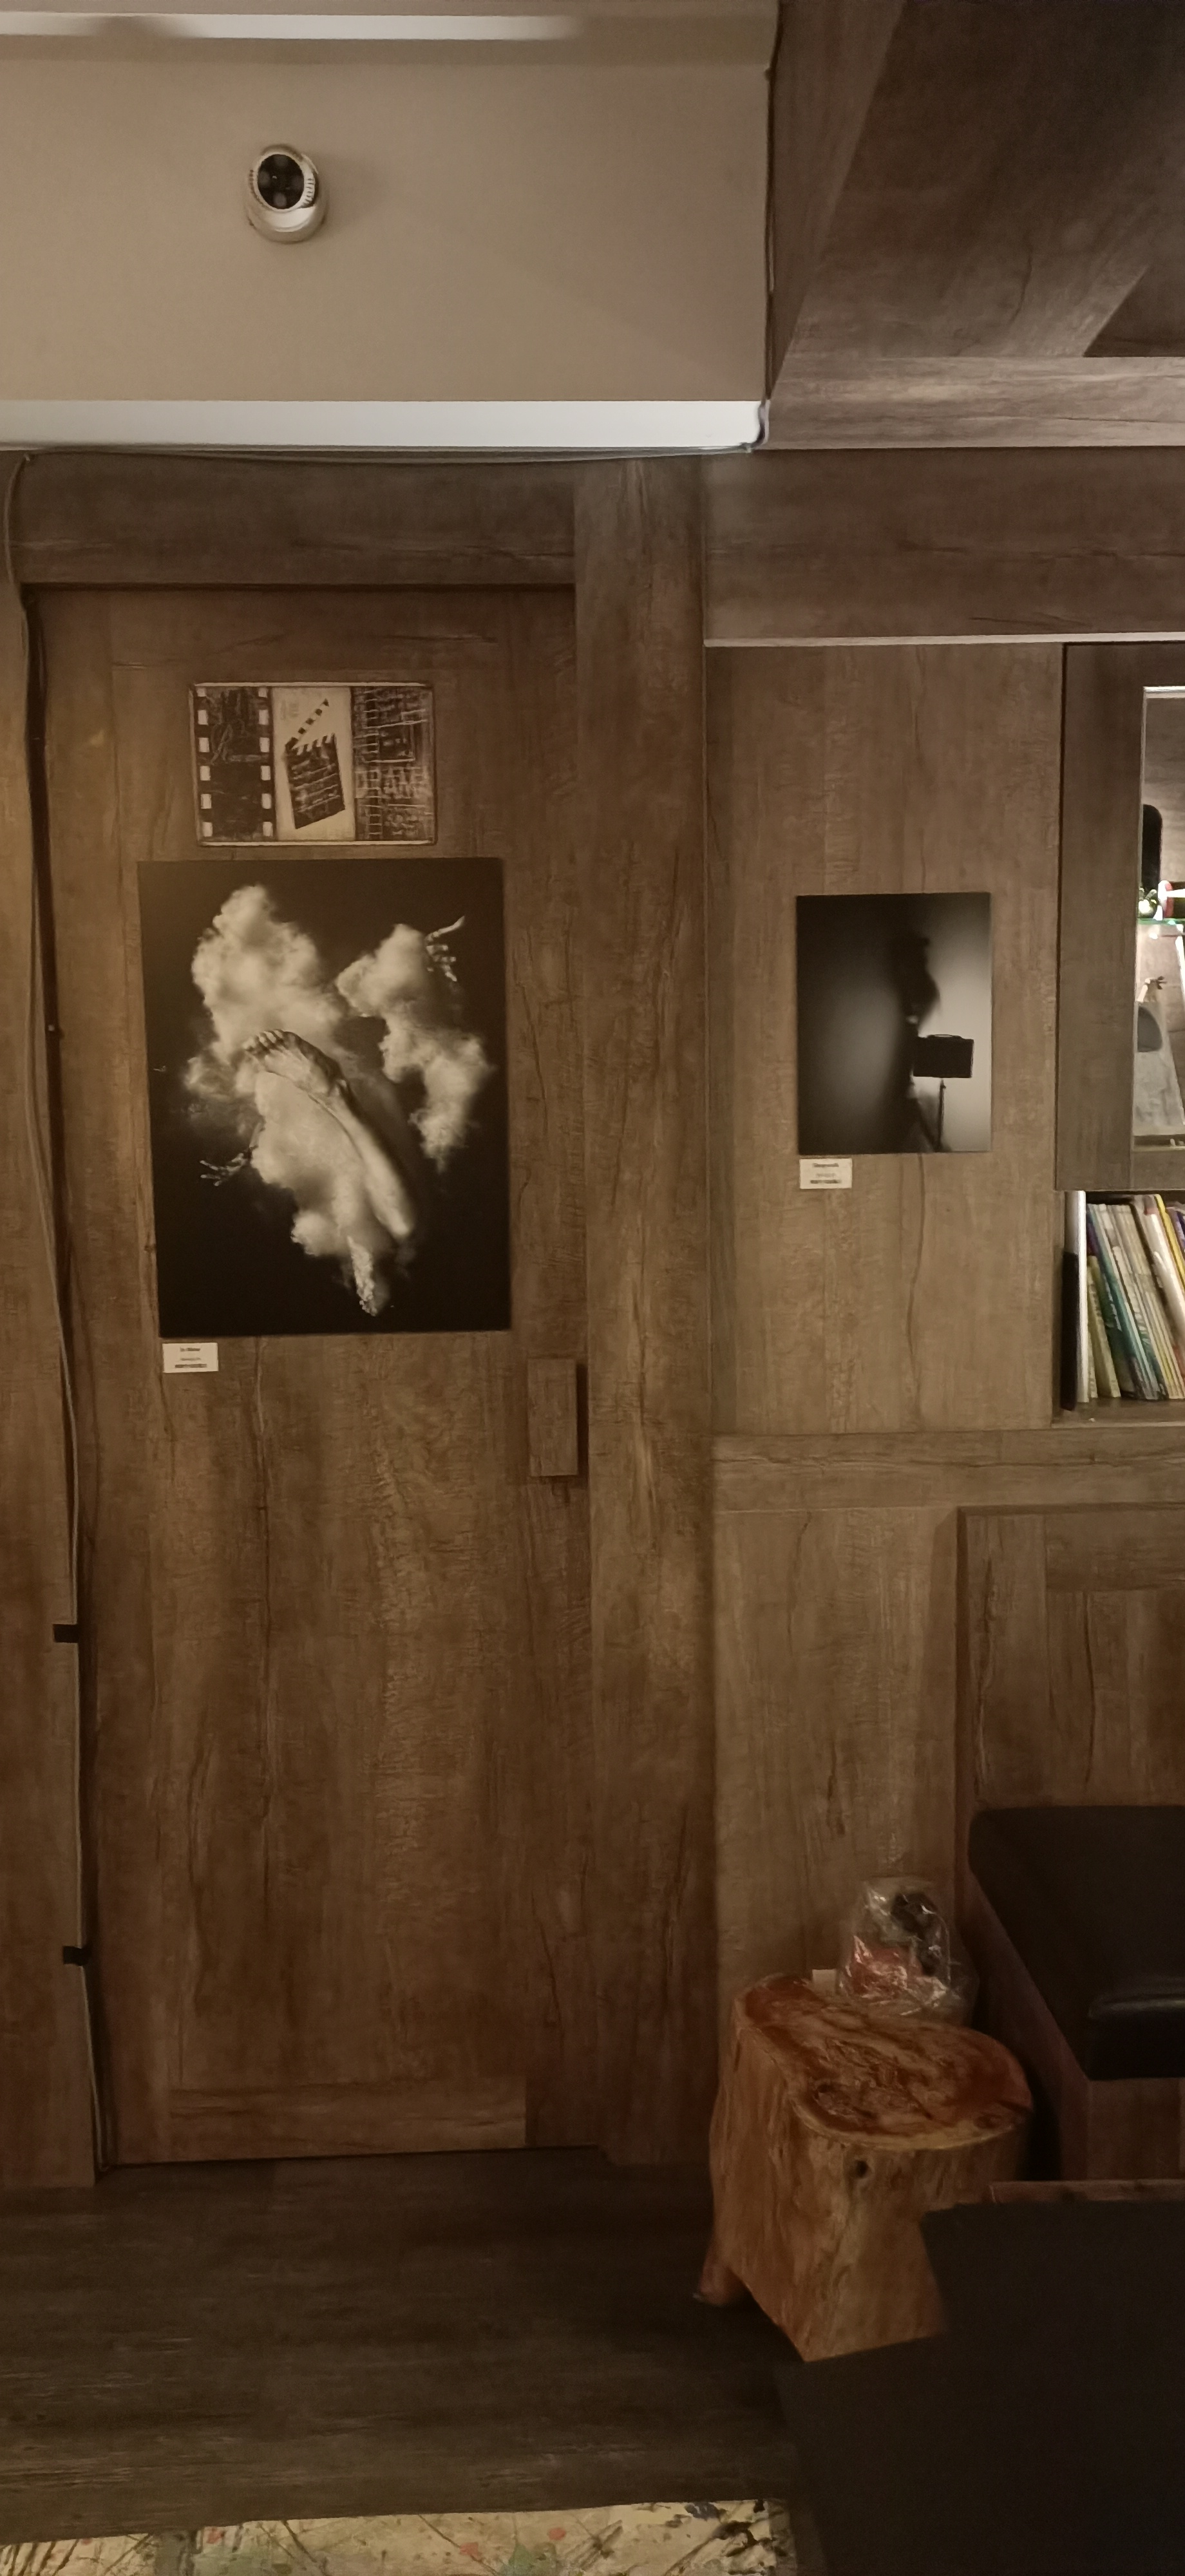 Reflection - Suelynee's Solo Exhibition